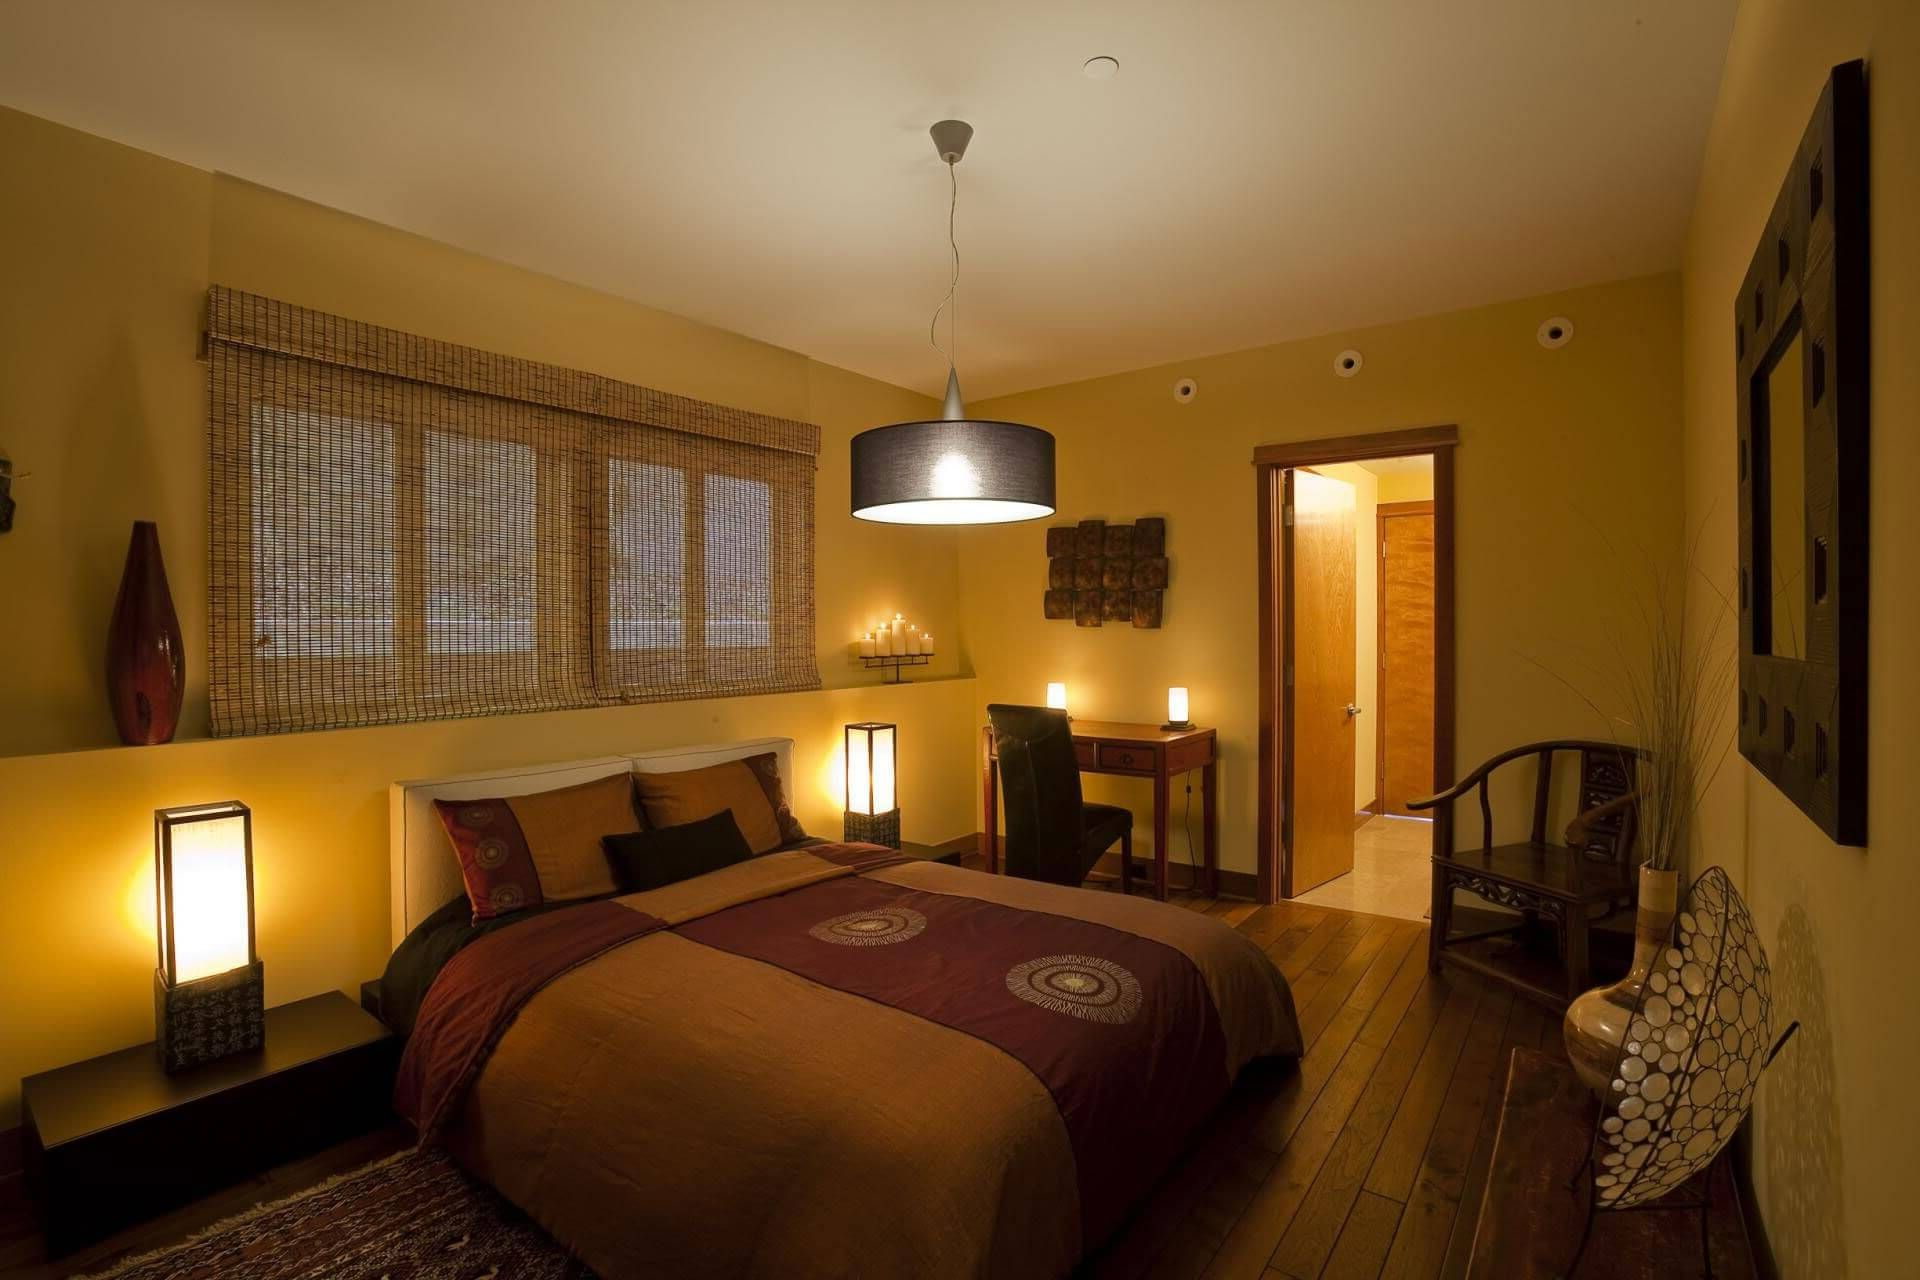 освещение спальни несколькими источниками света